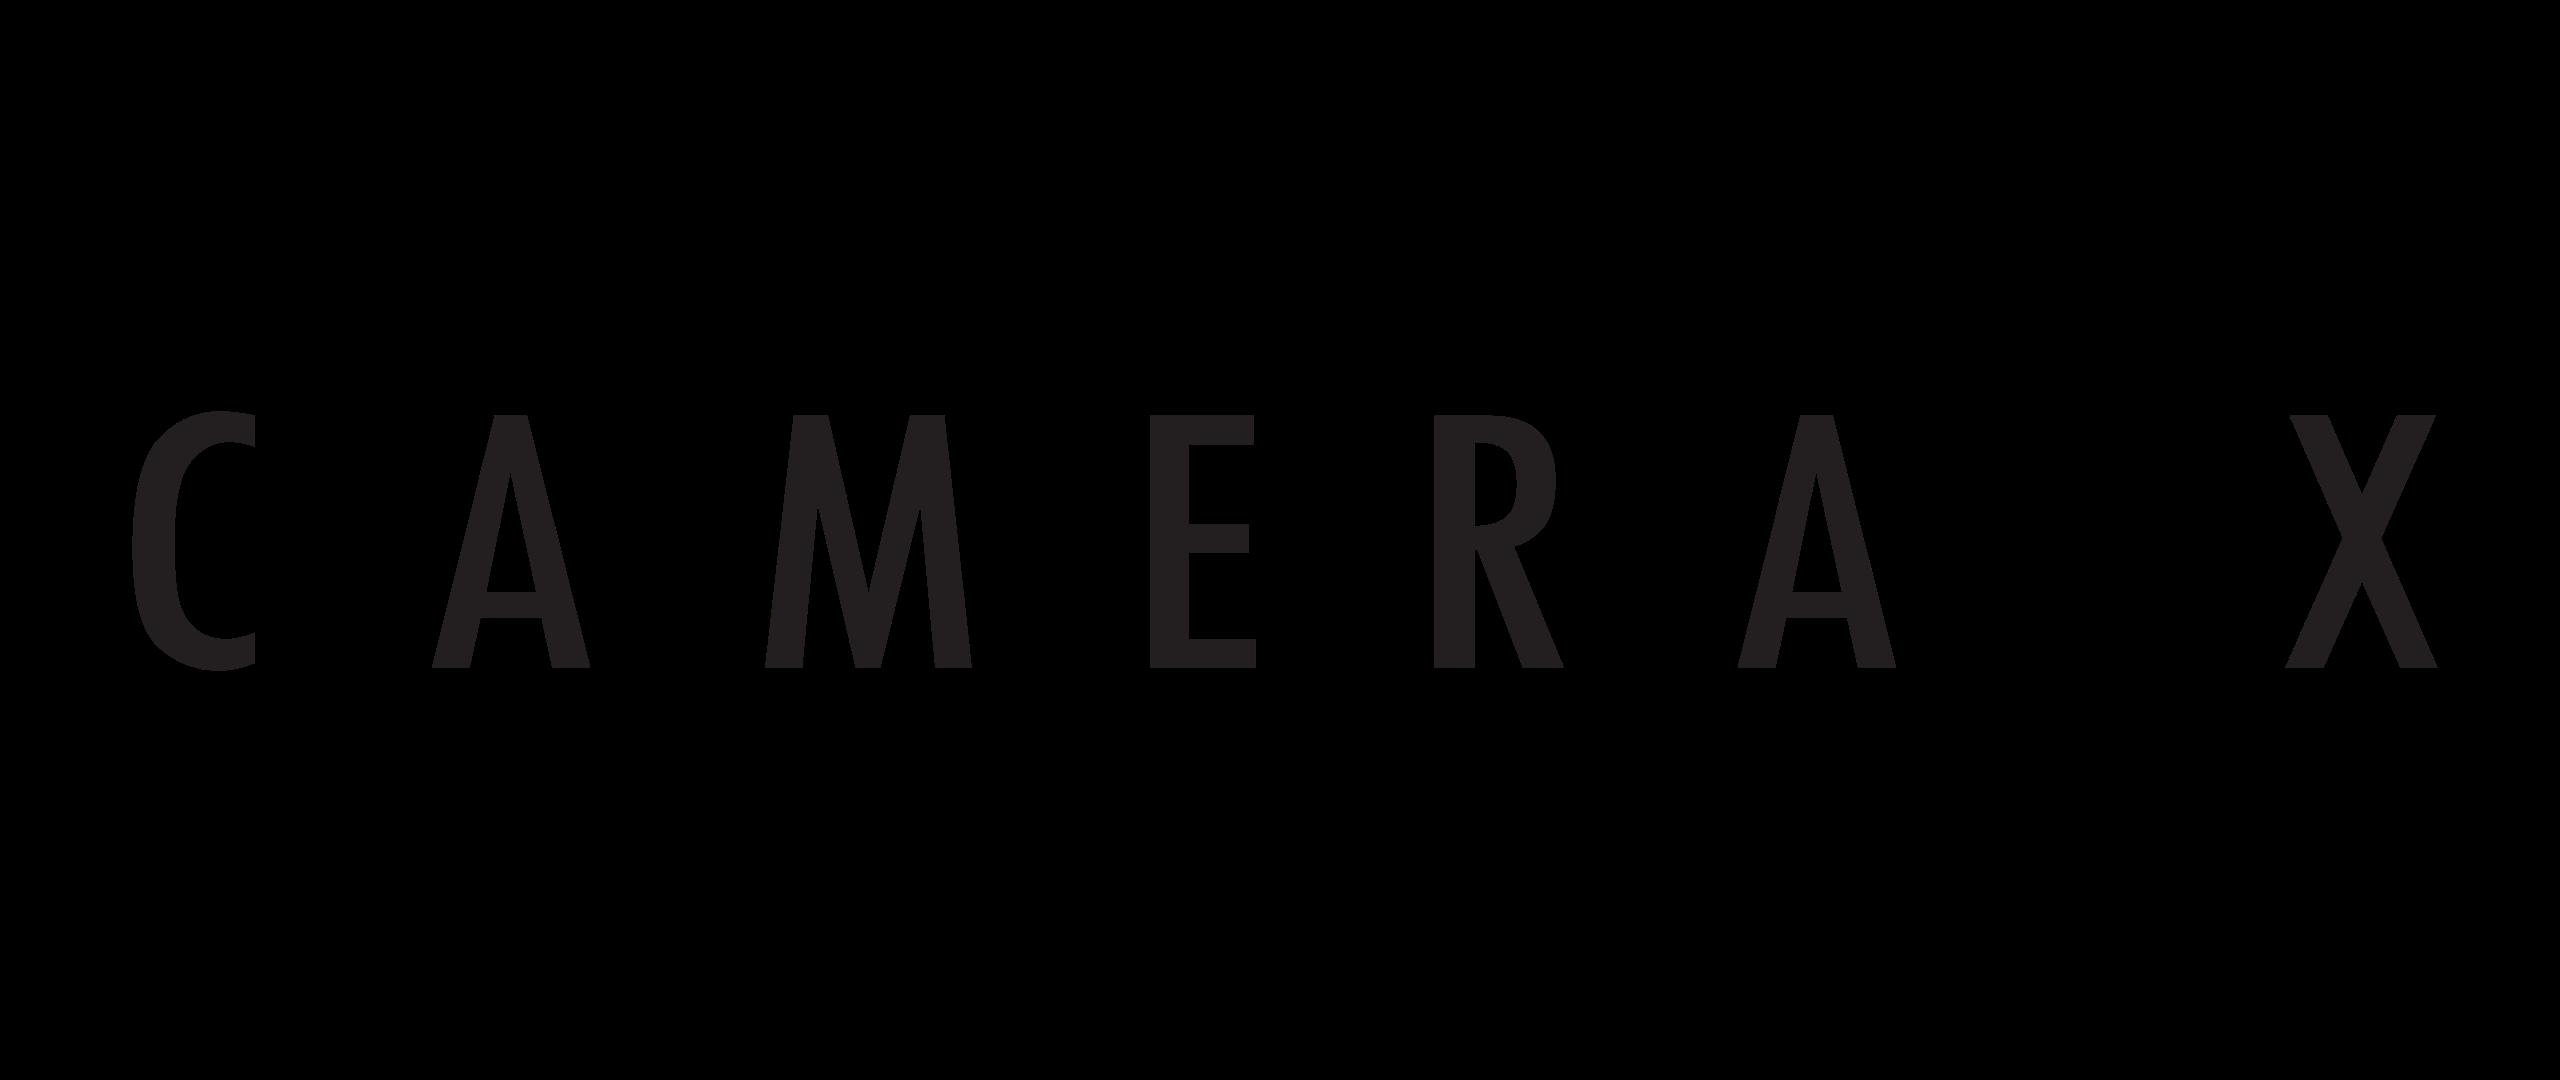 CAMERA_X_LOGO_2018 (1)